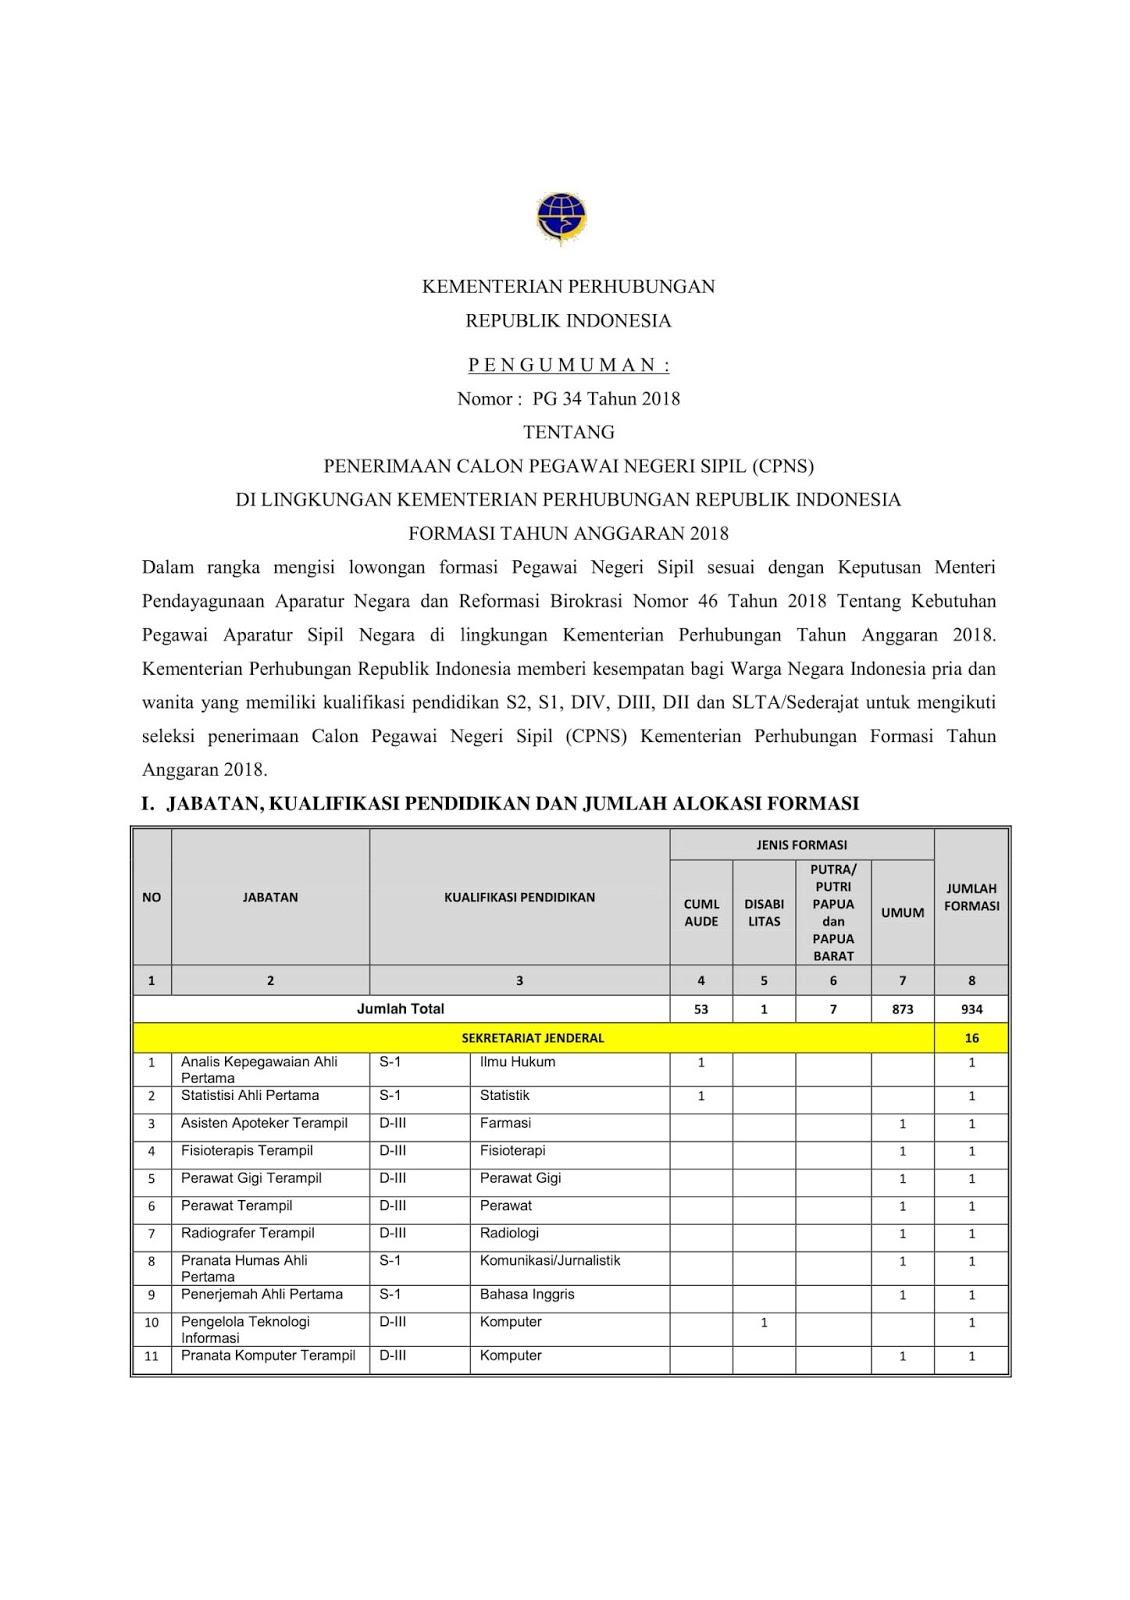 Pengumuman Penerimaan CPNS Kementerian Perhubungan 2019...